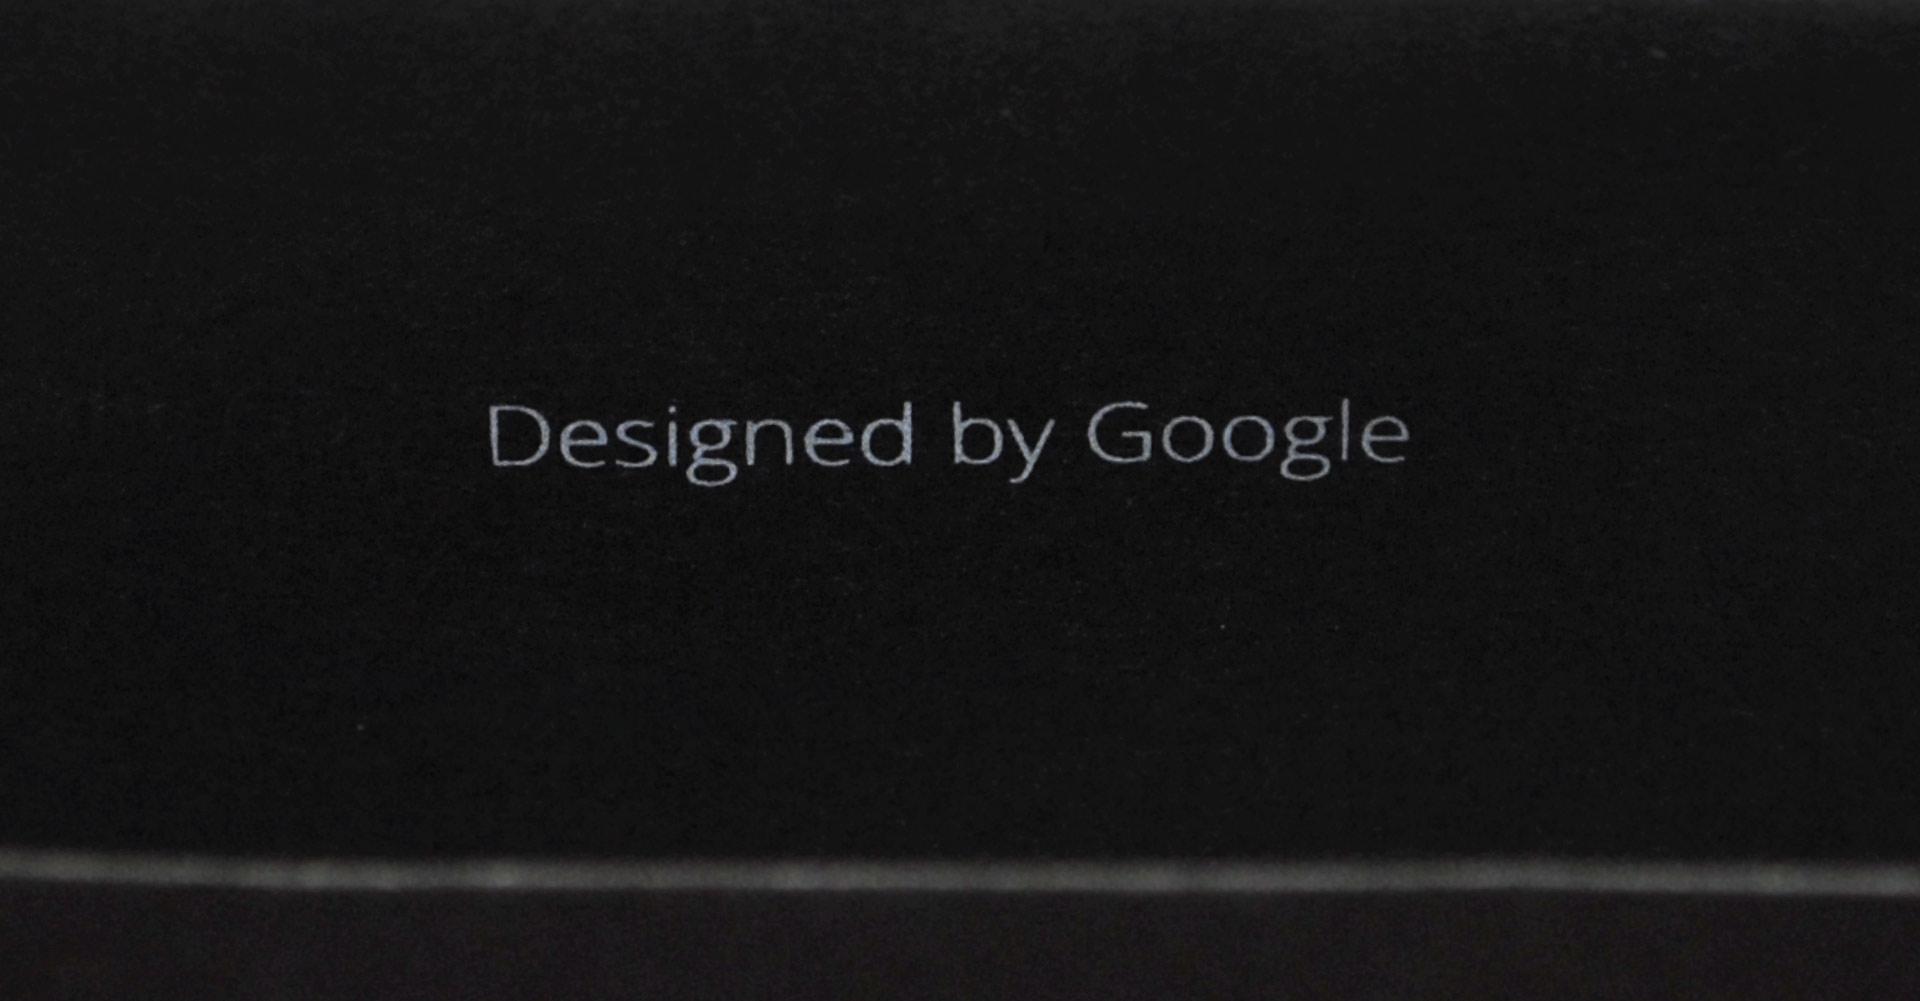 Creative_Retail_Packaging_Custom_Packaging_Google_Glass_03.jpg